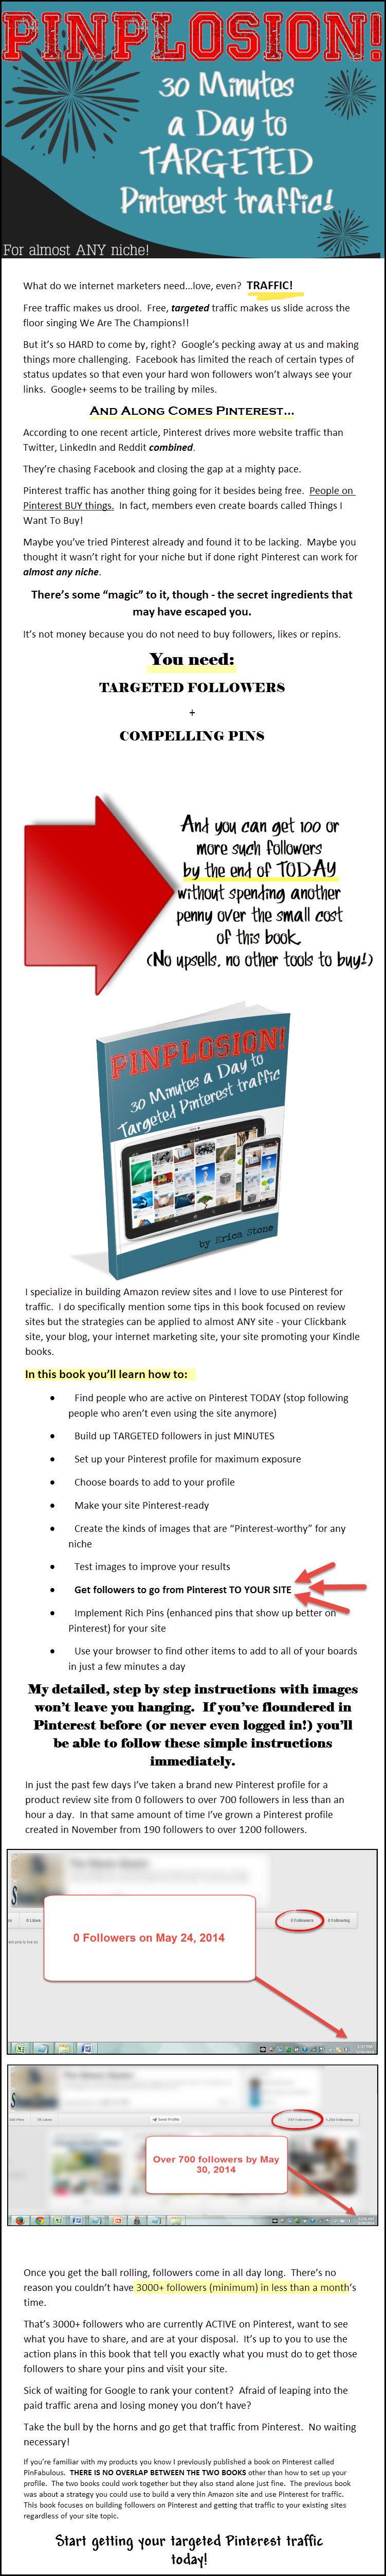 实操经验指导你如何每天半小时从Pinterest获取流量导向任何利基市场(PinPlosion)